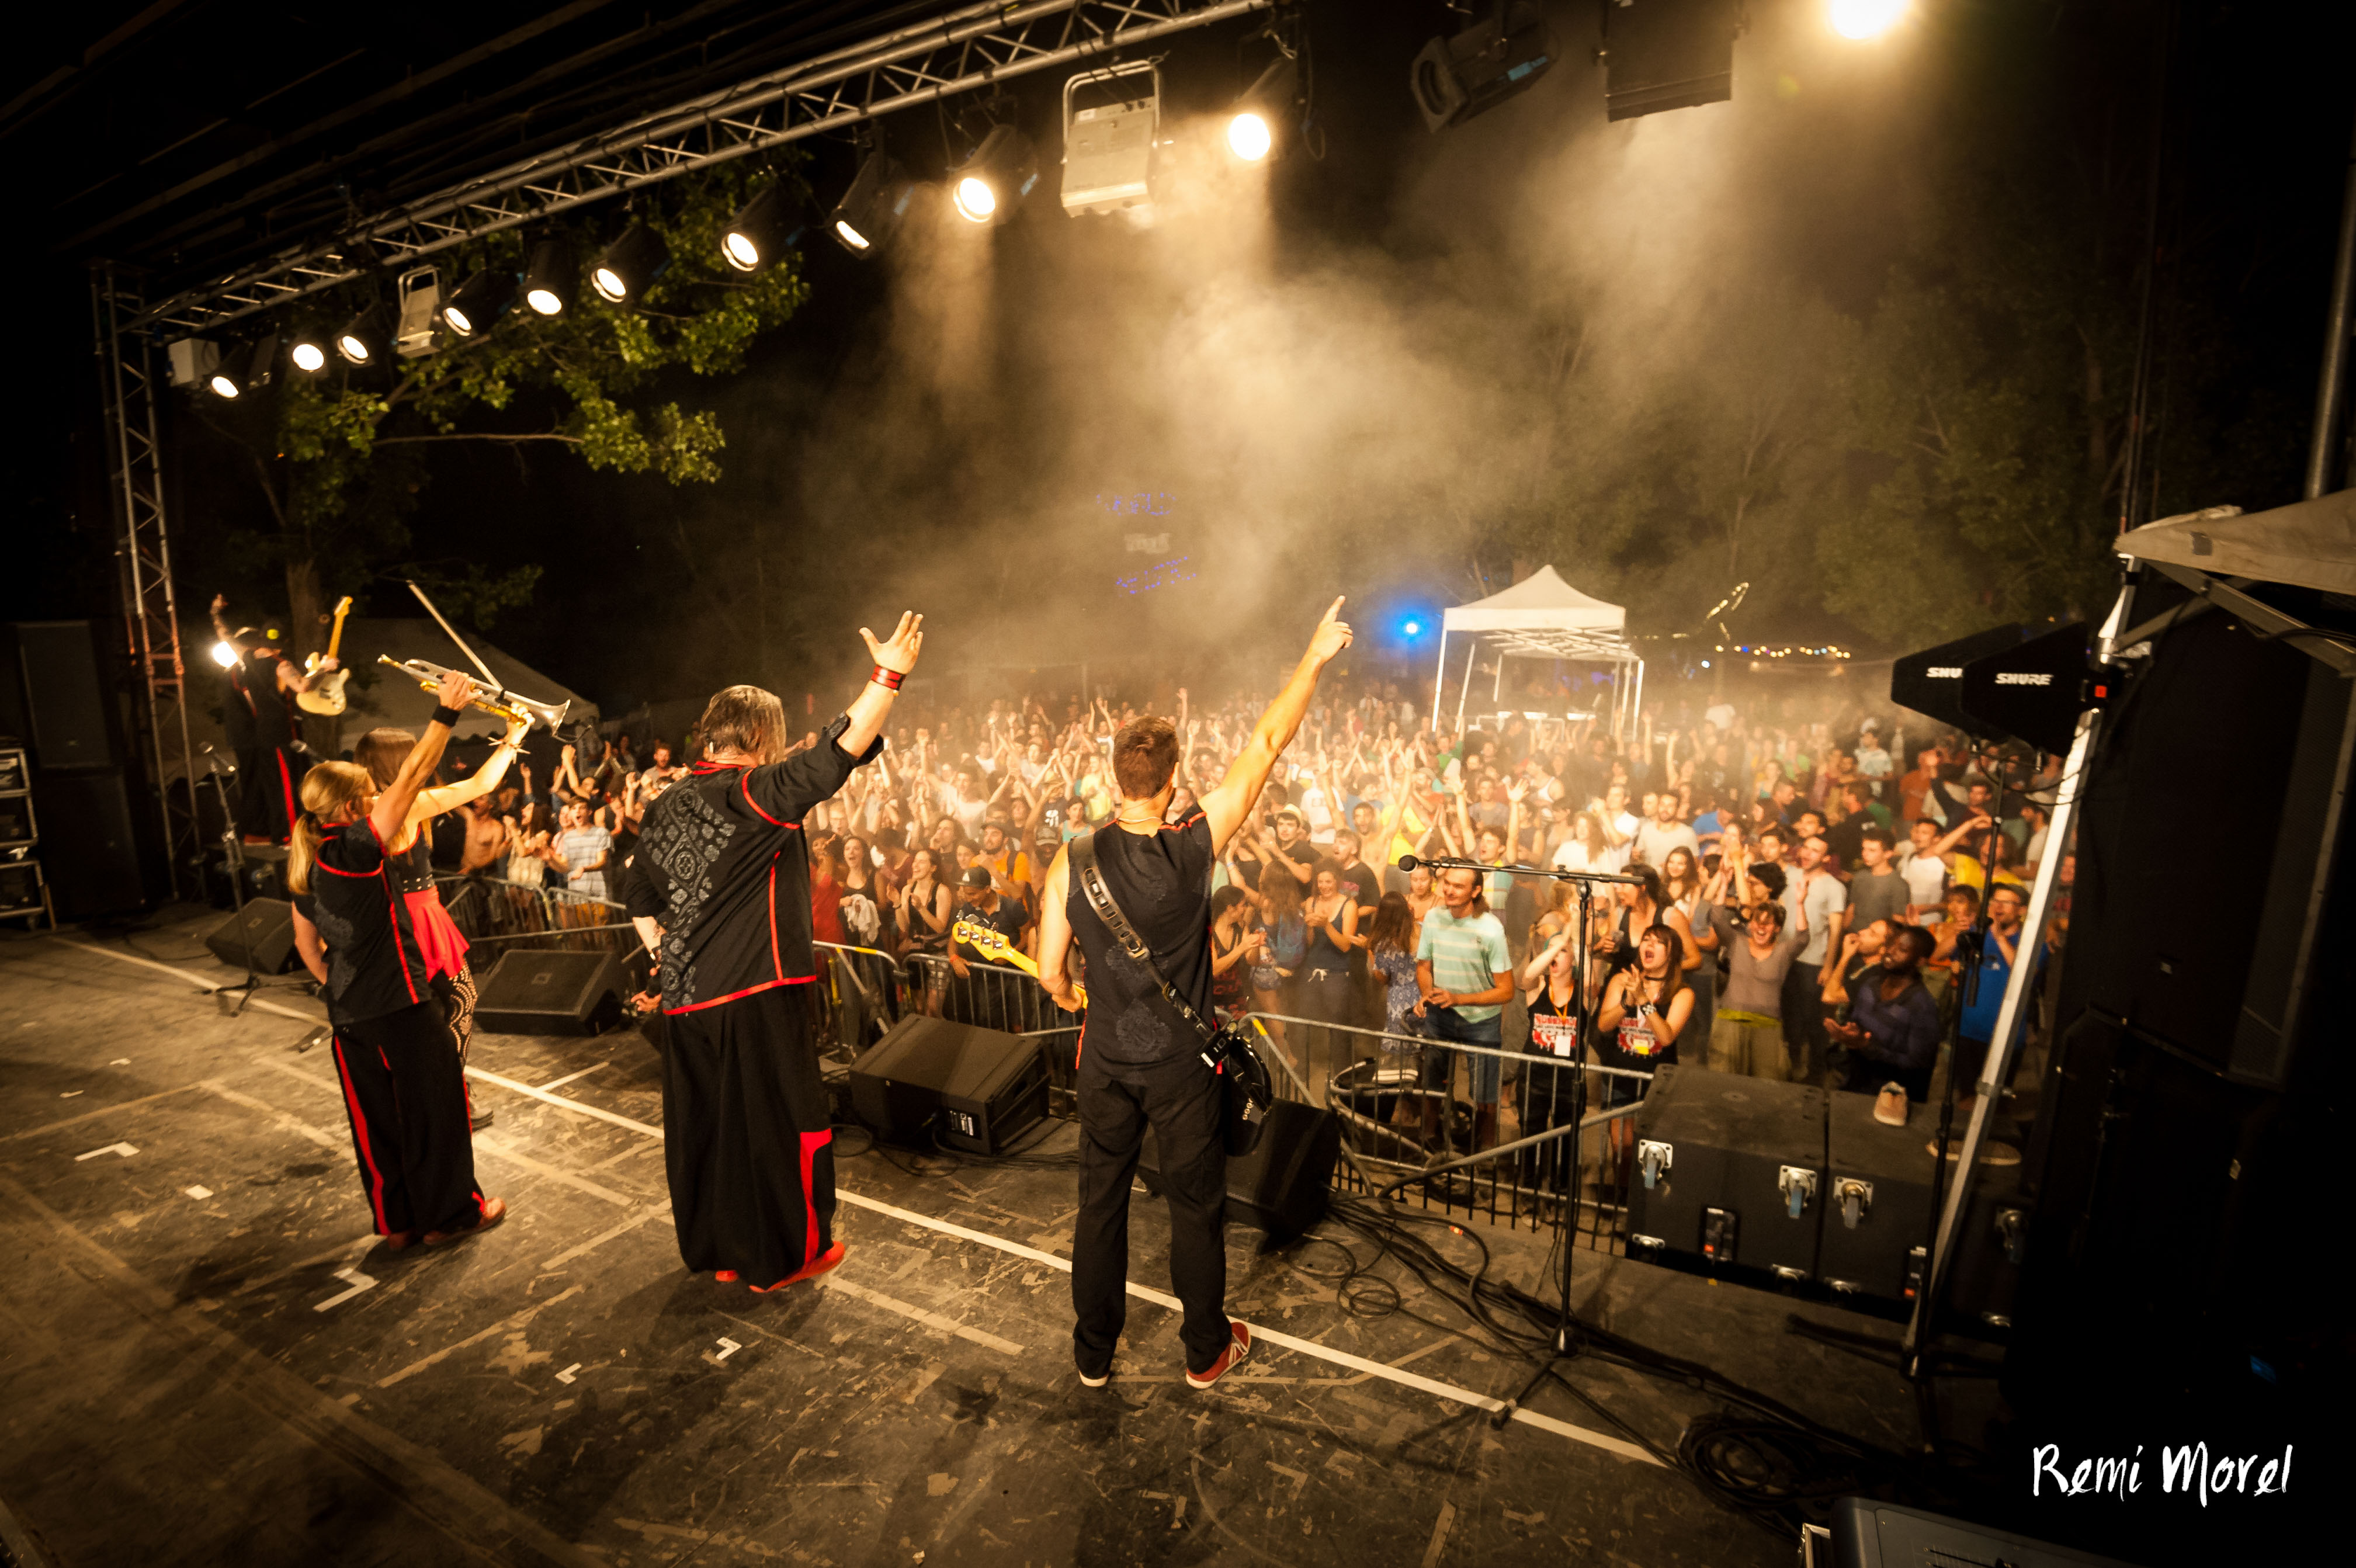 remi-morel-tradin-festival-russkaja-17